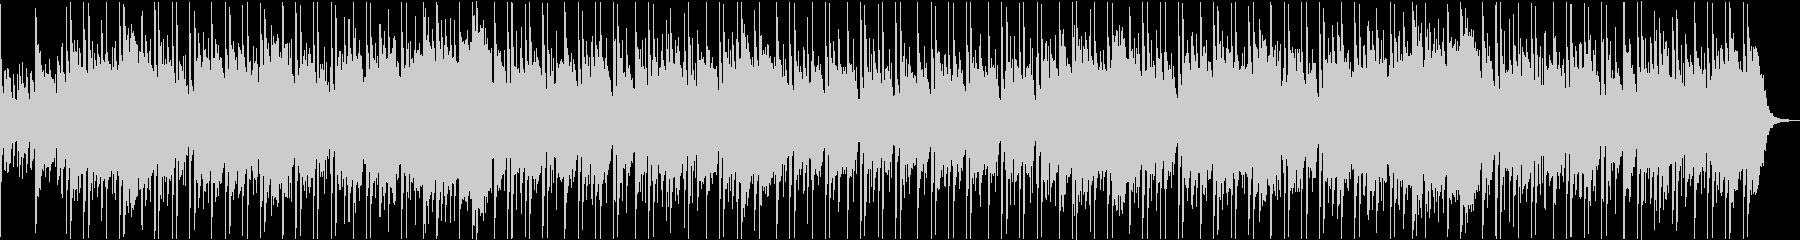 和楽器を使用したほのぼのインストの未再生の波形